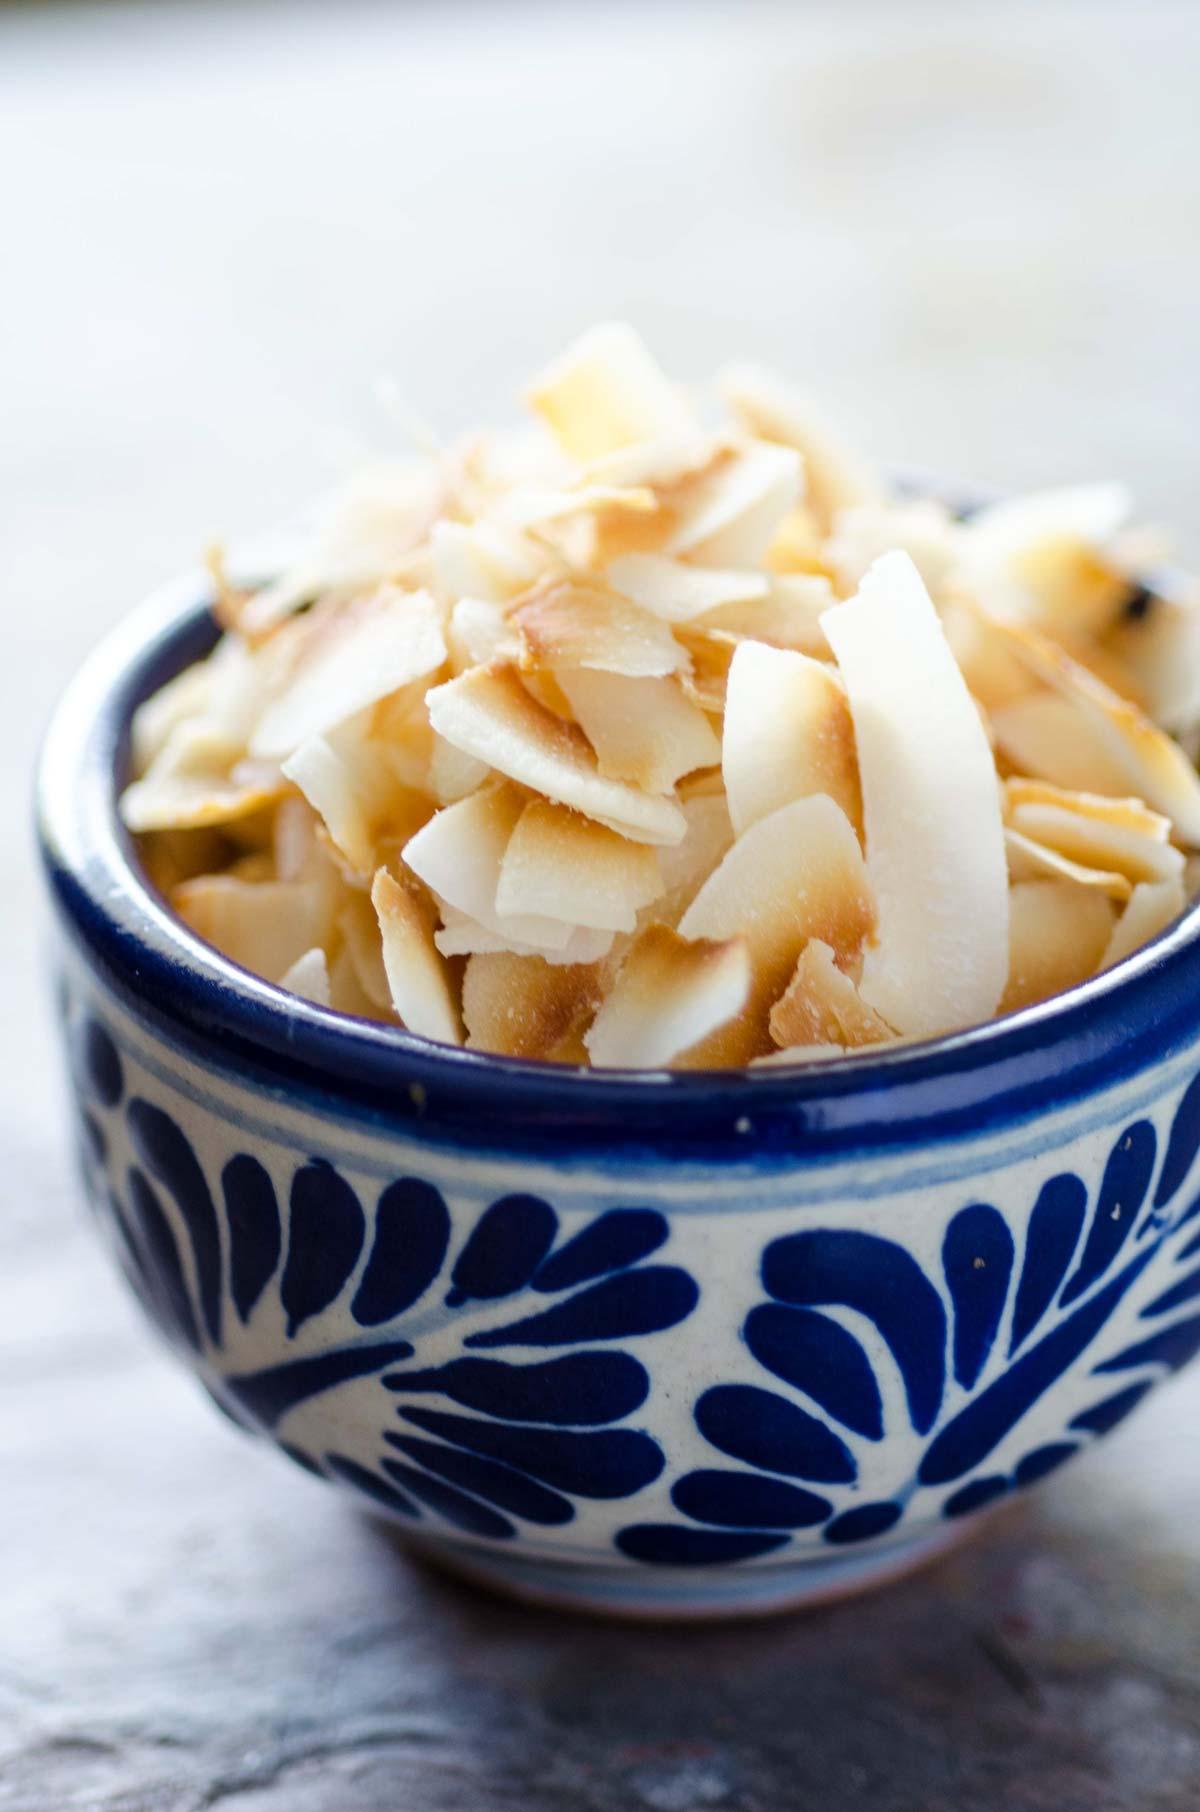 Estas paletas de coco veganas son super fáciles de hacer y solo tienen 3 ingredientes. Son cremosas, refrescantes y están llenas de coco rallado